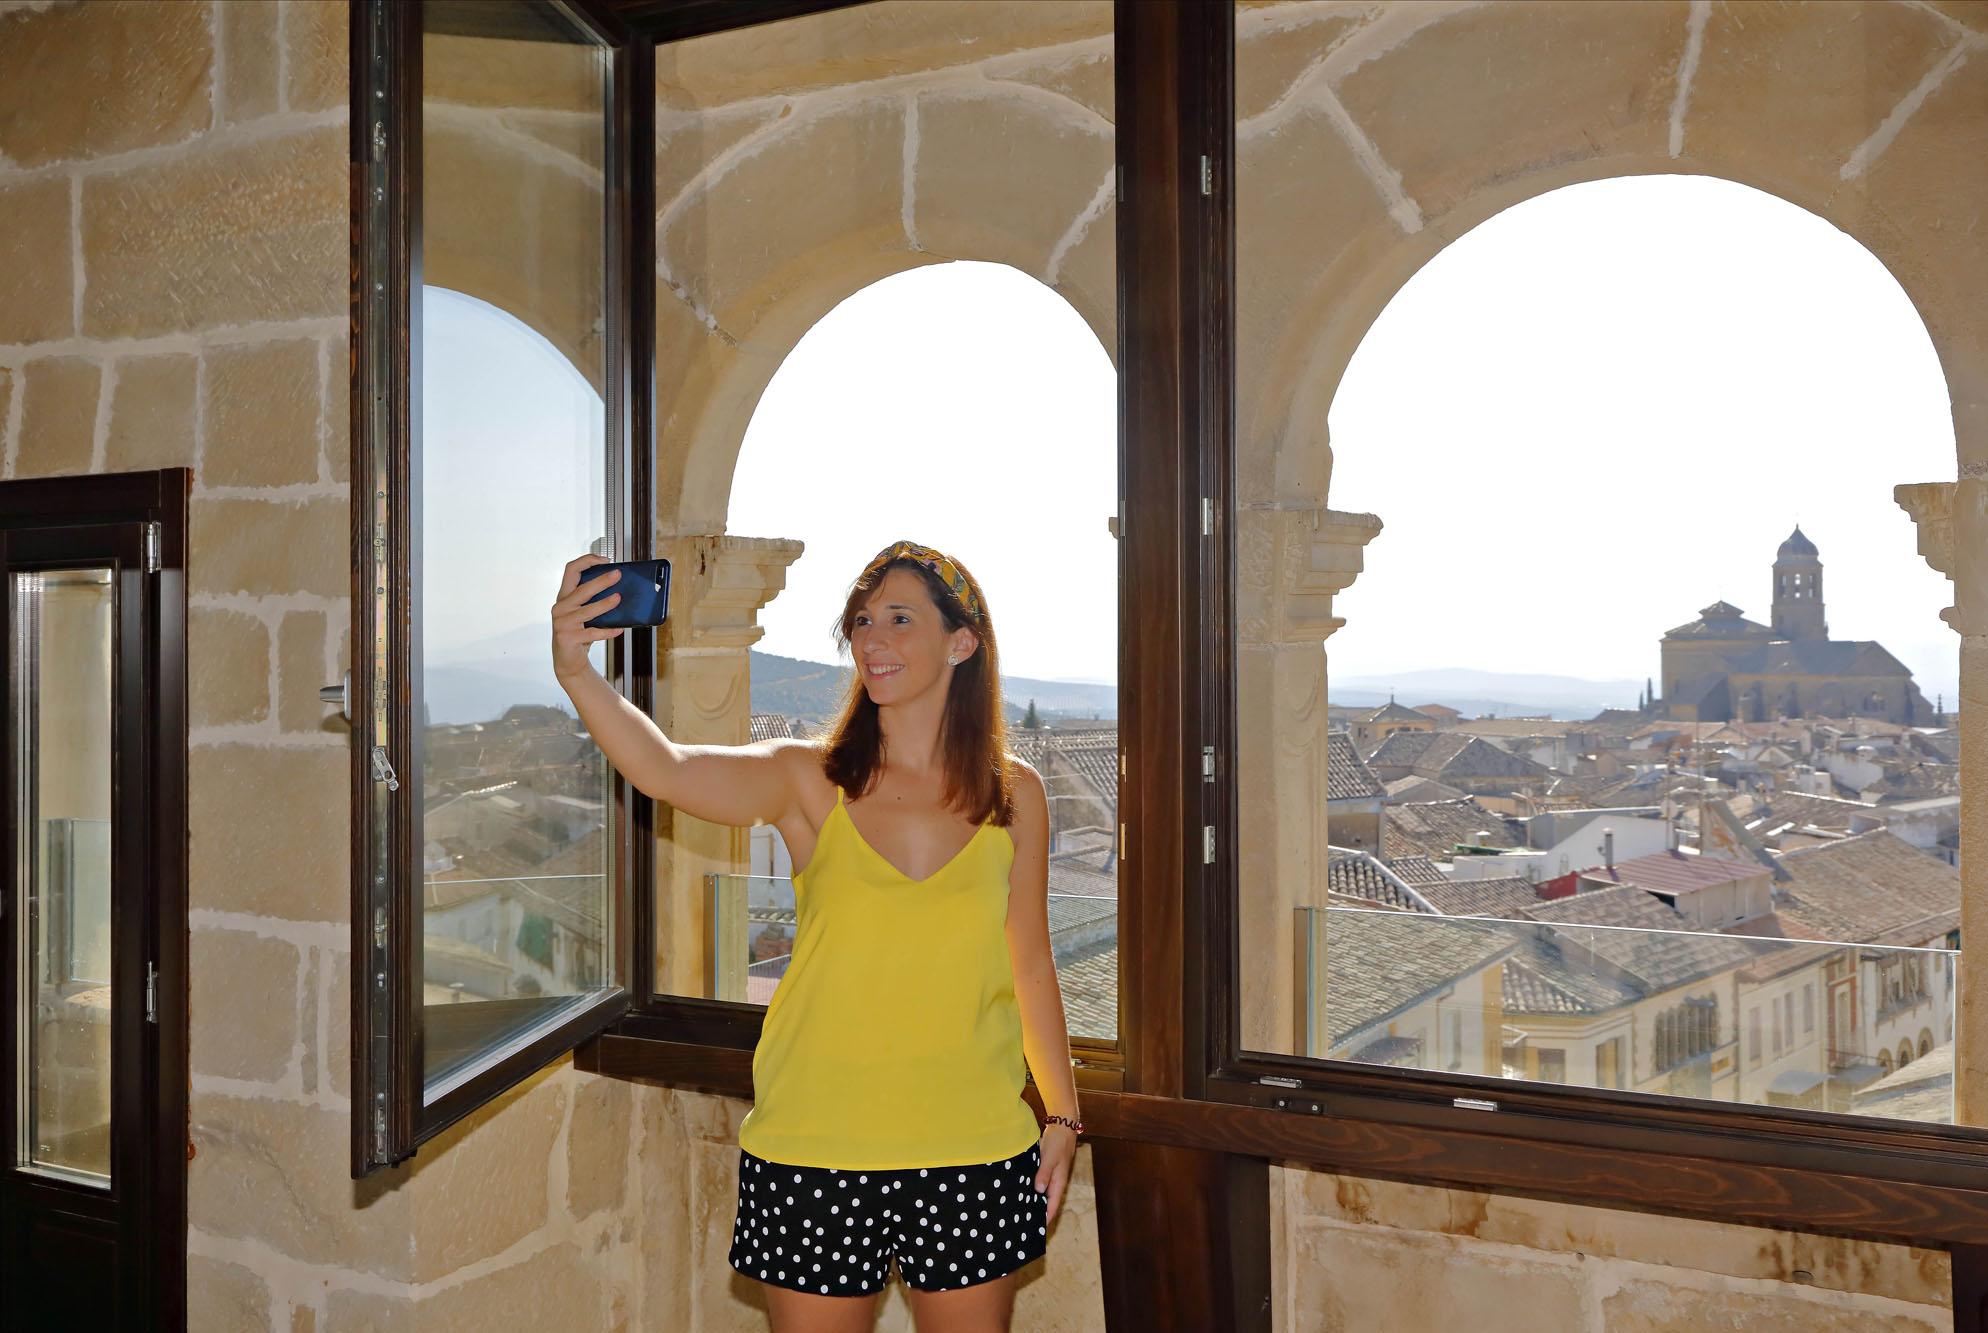 El mirador de la 'suite' tiene unas vistas de 360 grados sobre Úbeda.